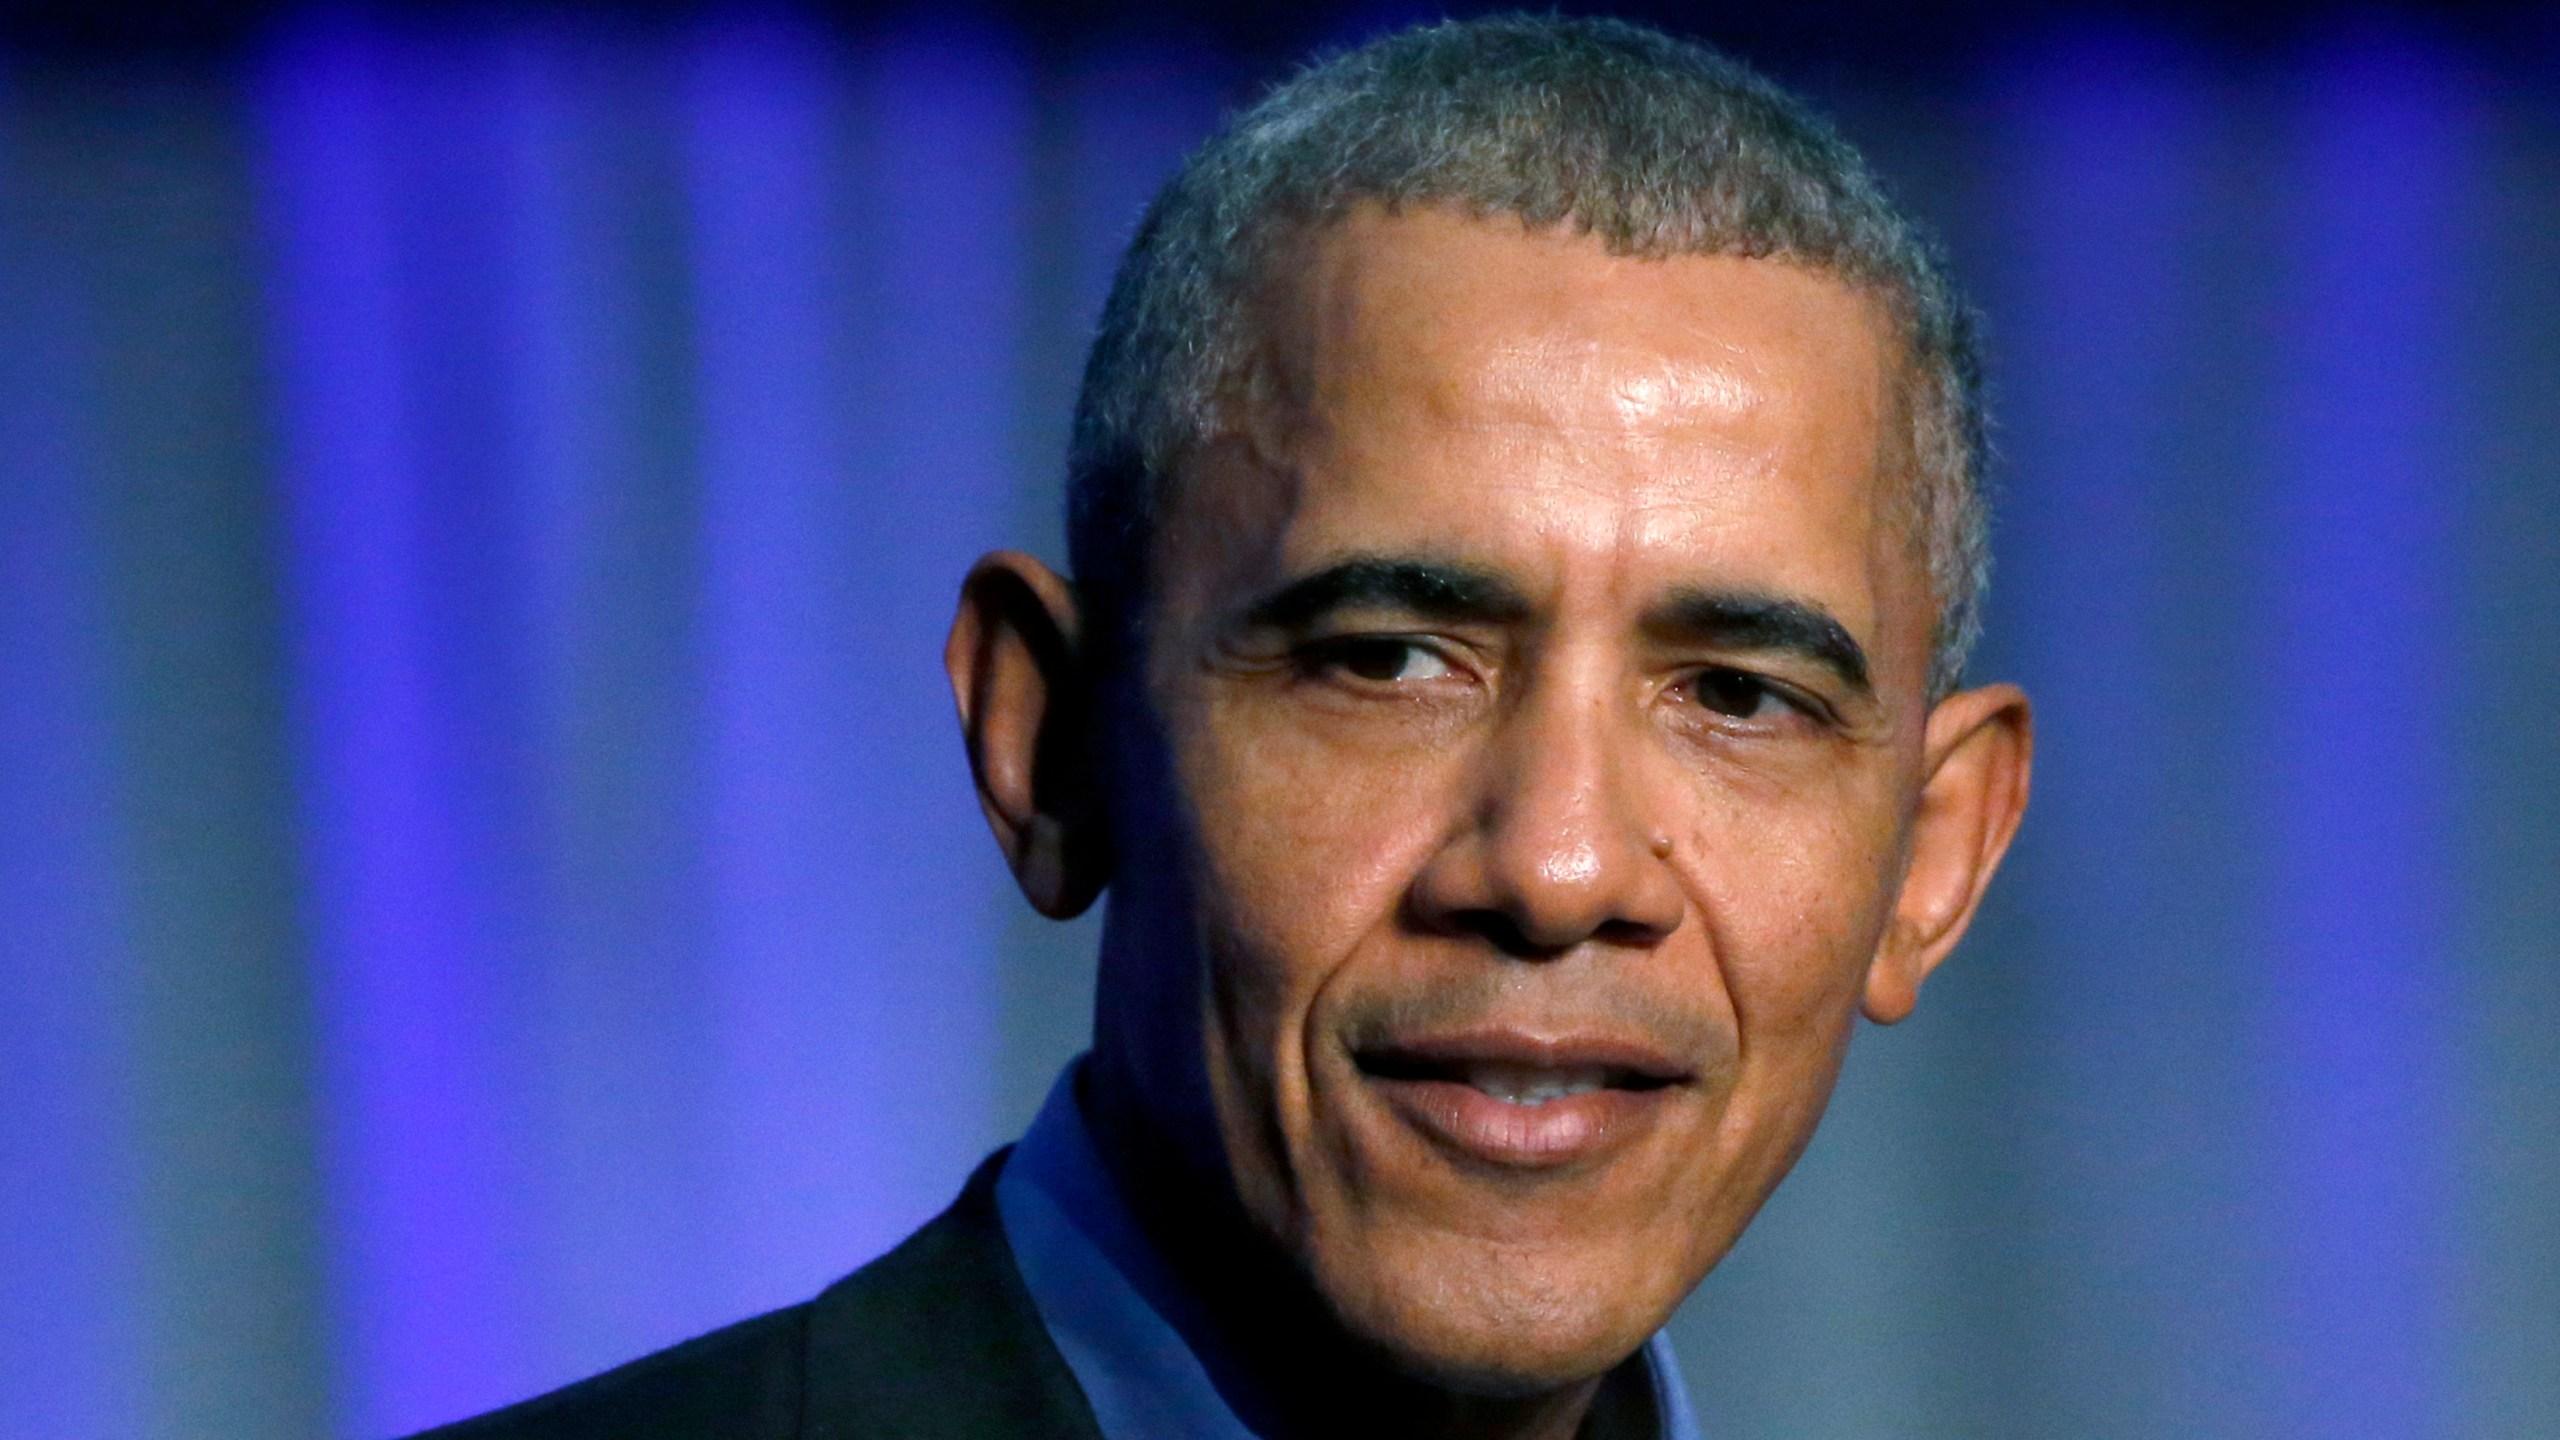 Obama_Midterms_10949-159532.jpg61004482